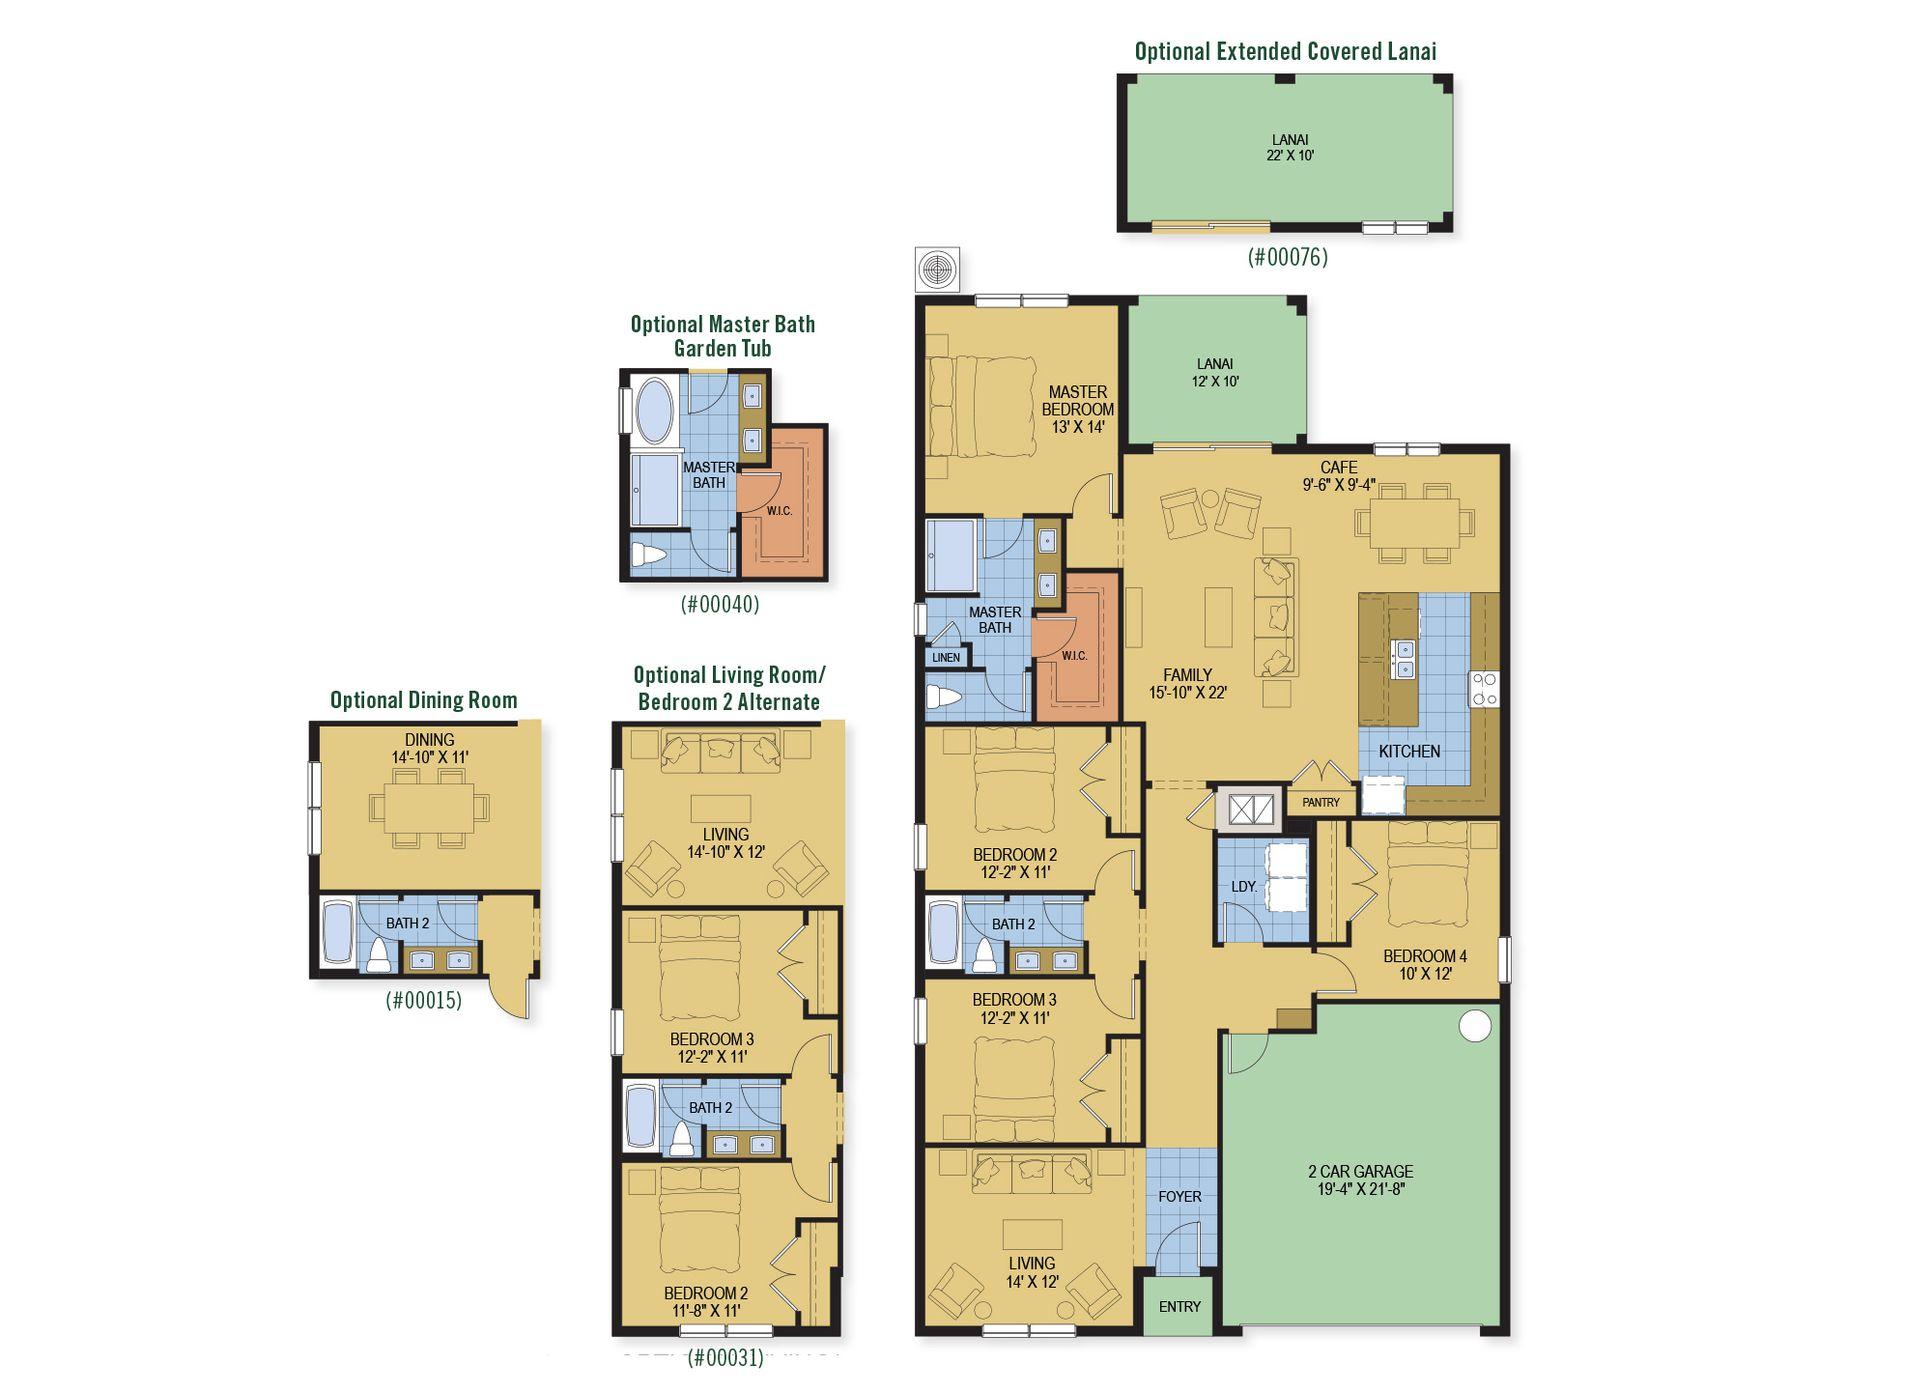 Kensington Flex:Kensington Flex floor plan